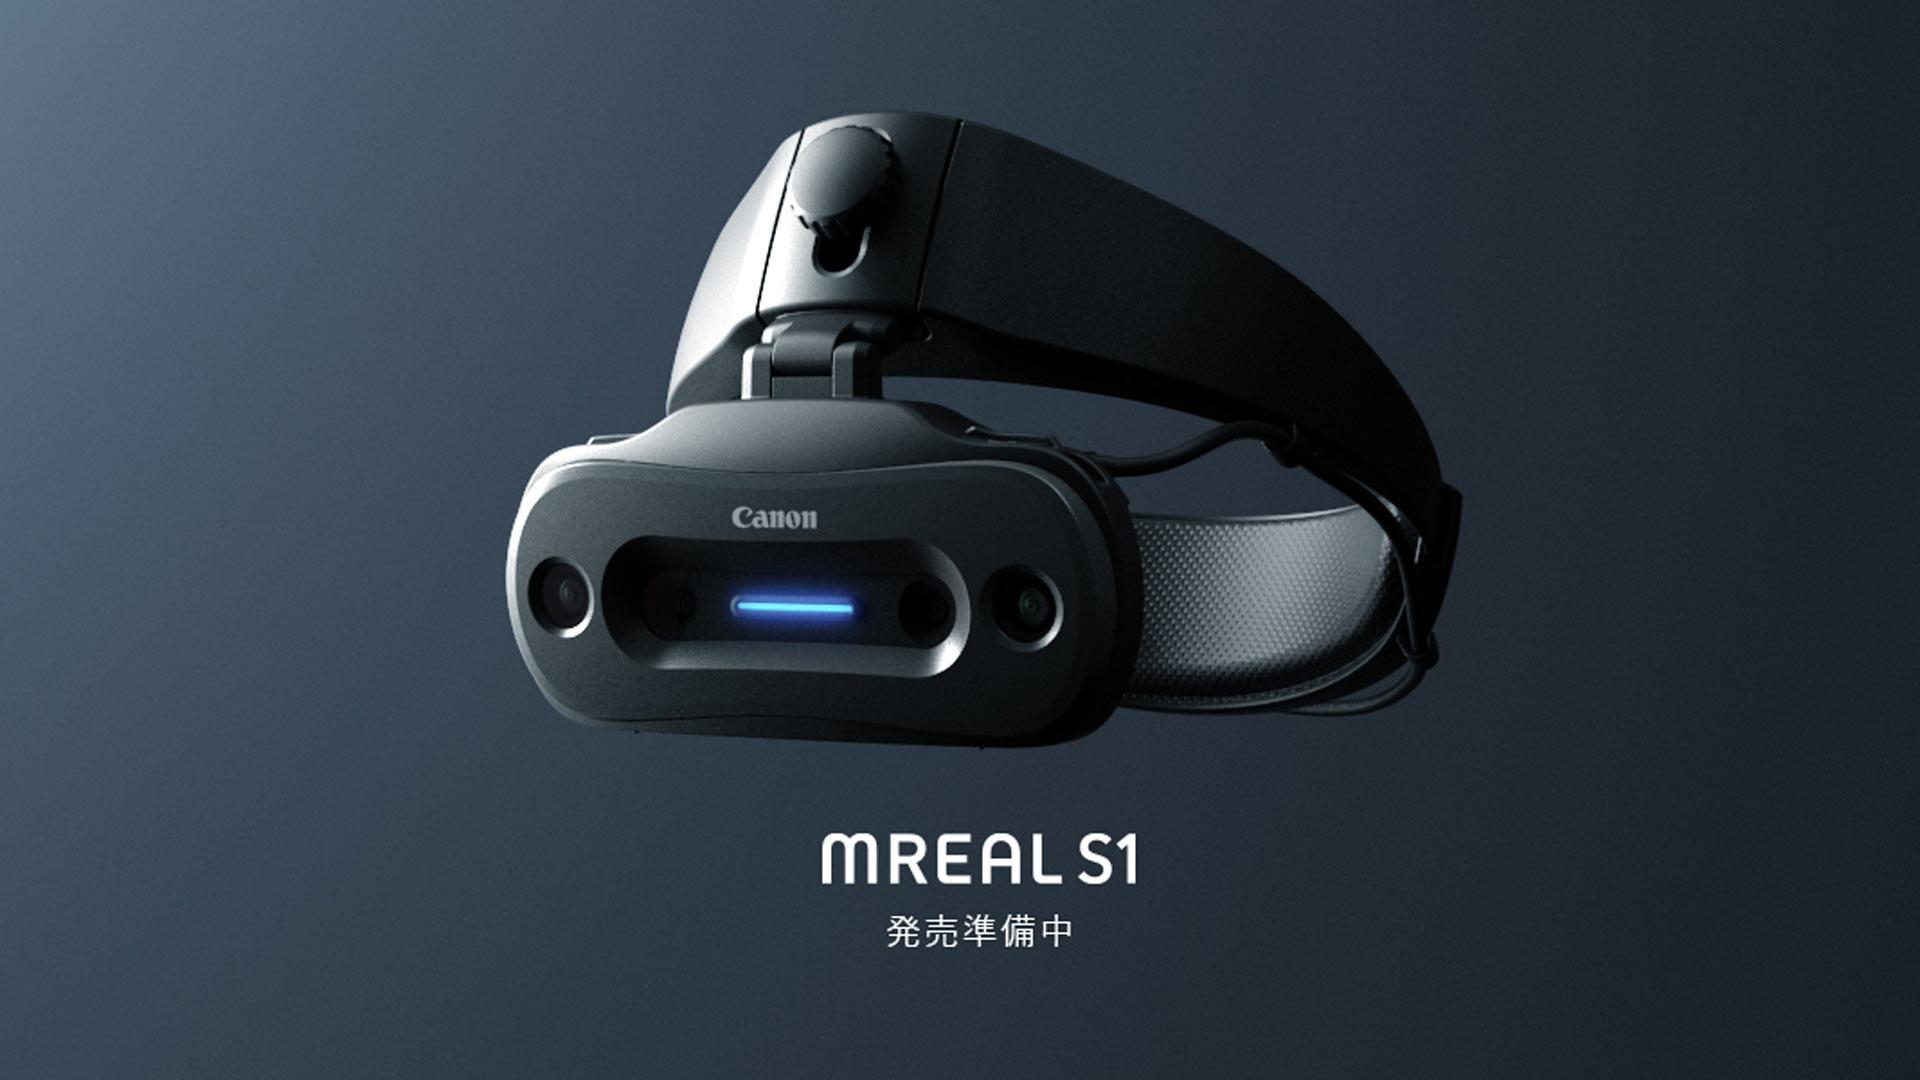 佳能将于2月发布MR头显MREAL S1,起售价或高达24.9万元